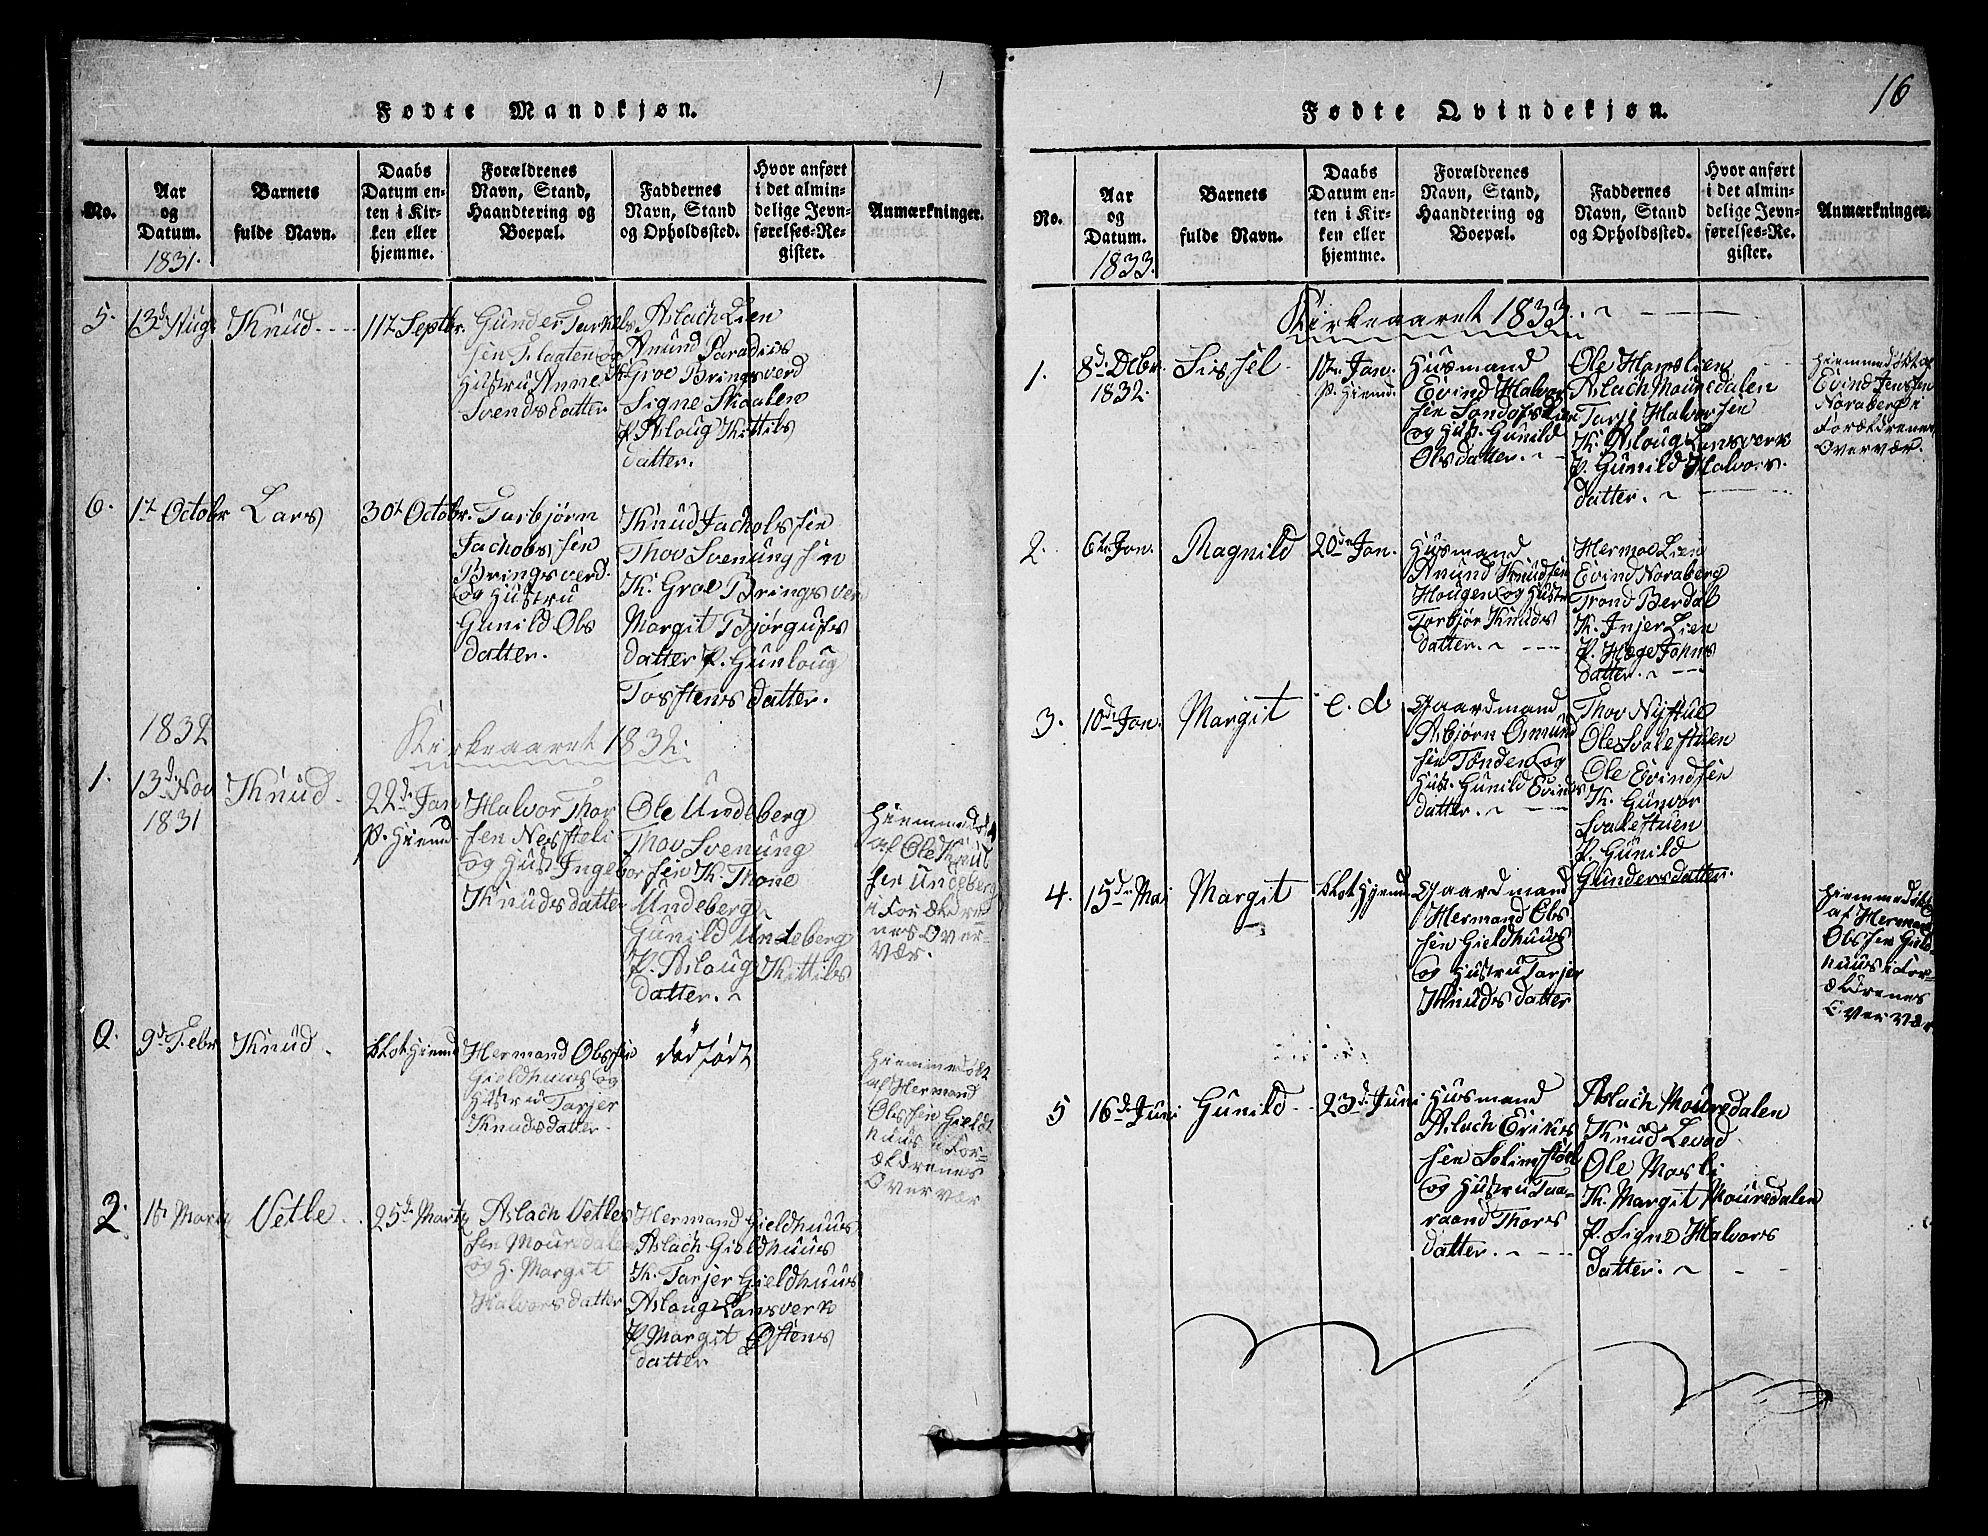 SAKO, Vinje kirkebøker, G/Gb/L0001: Klokkerbok nr. II 1, 1814-1843, s. 16